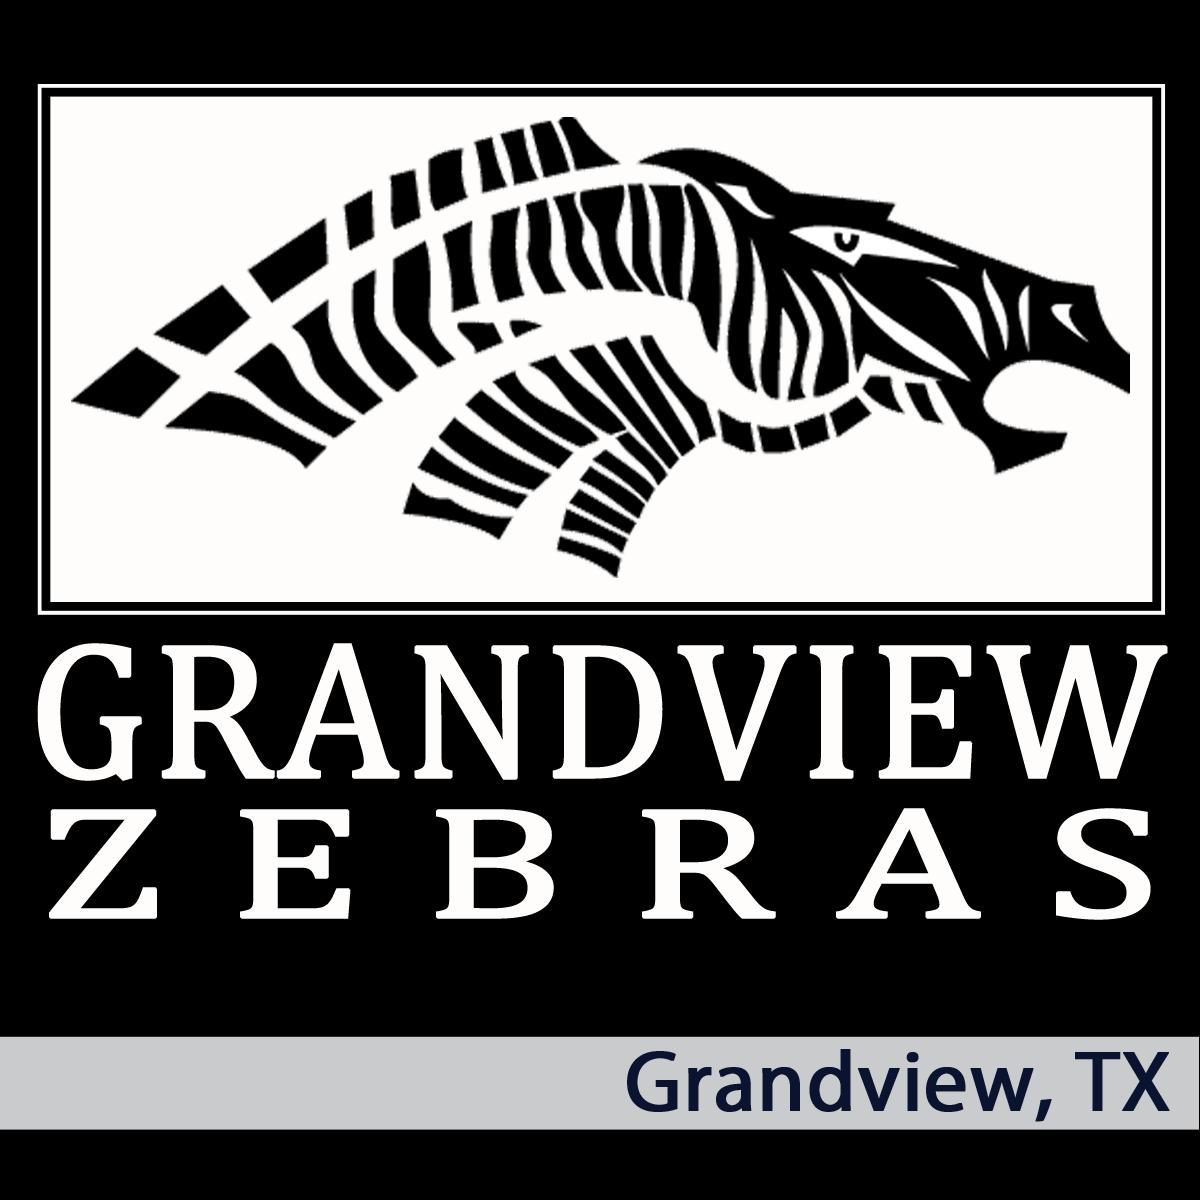 Grandview, TX